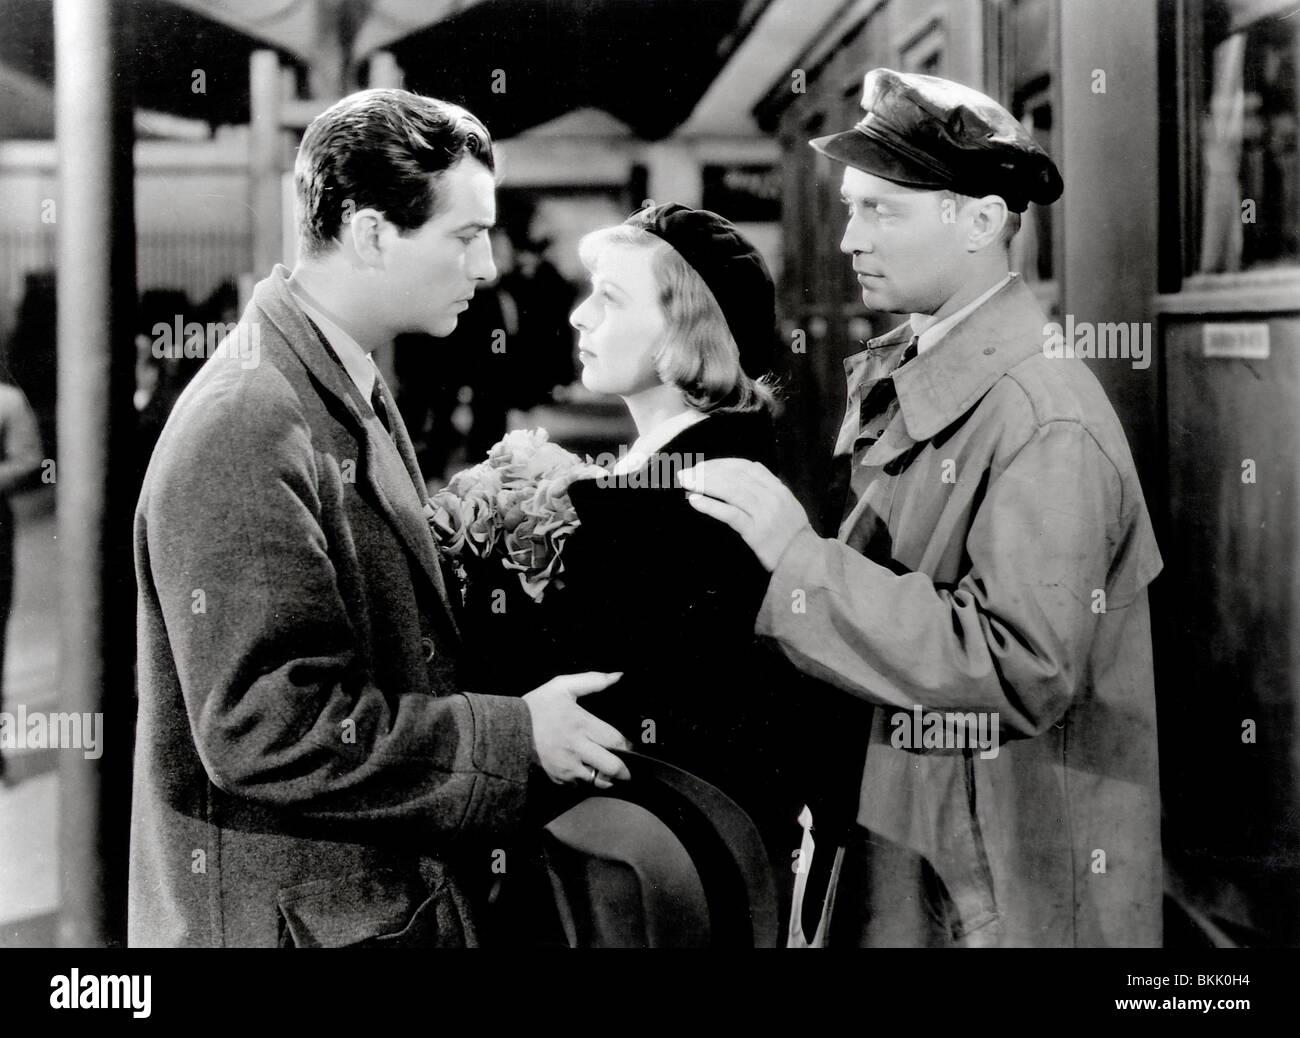 Tres camaradas (1938), Robert Taylor, MARGARET SULLAVAN, Franchot Tone TREC 007 P Imagen De Stock